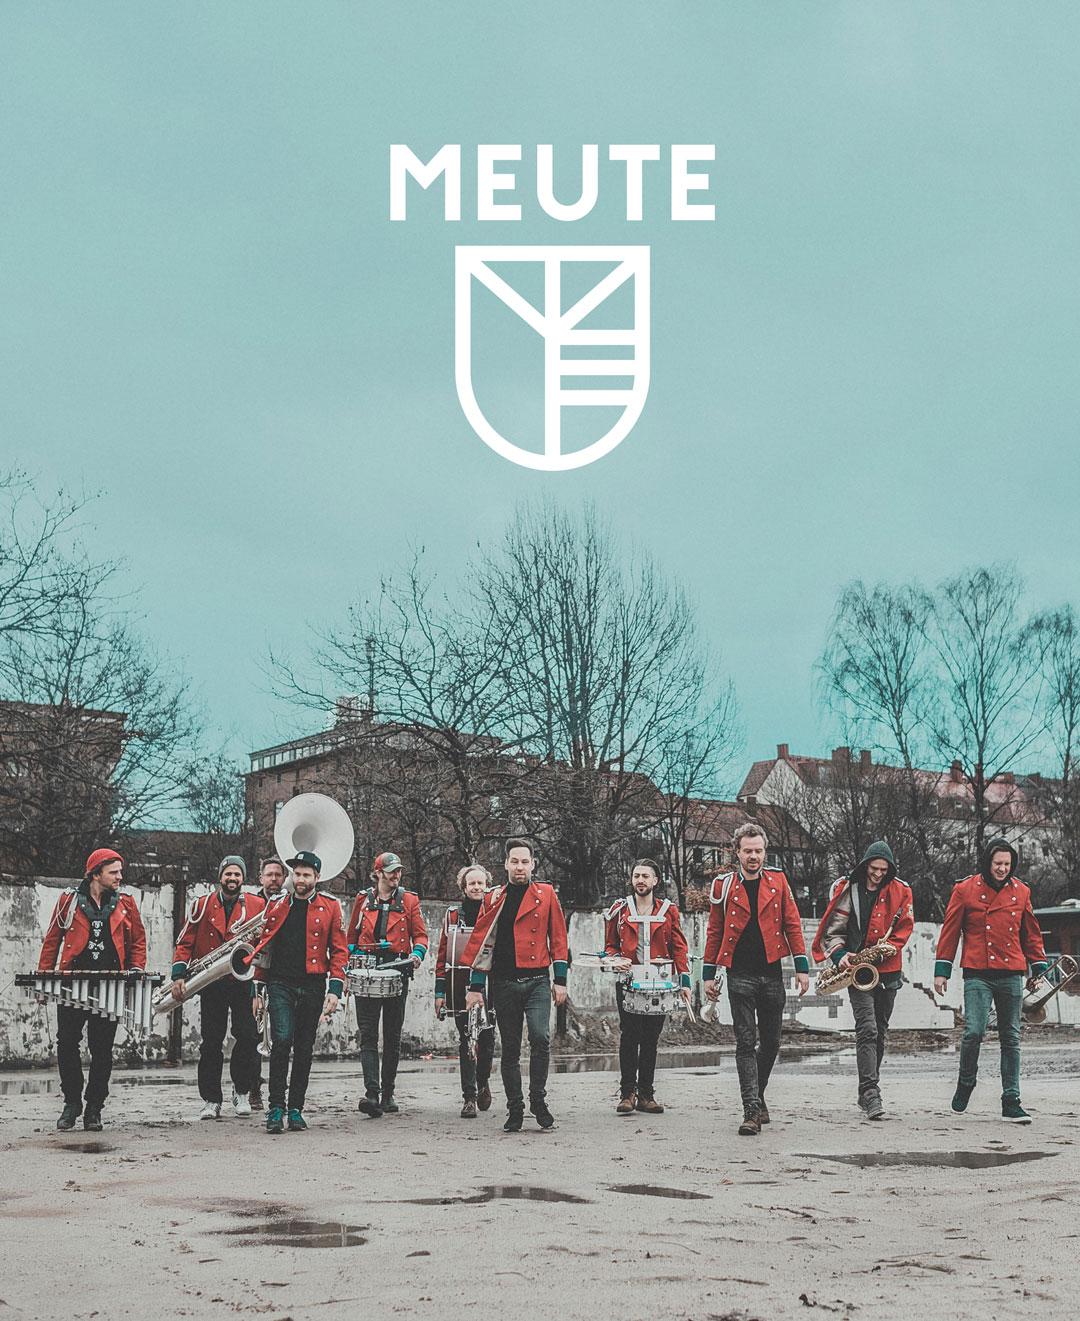 211126 : MEUTE (DE) LIVE – NYTT DATUM